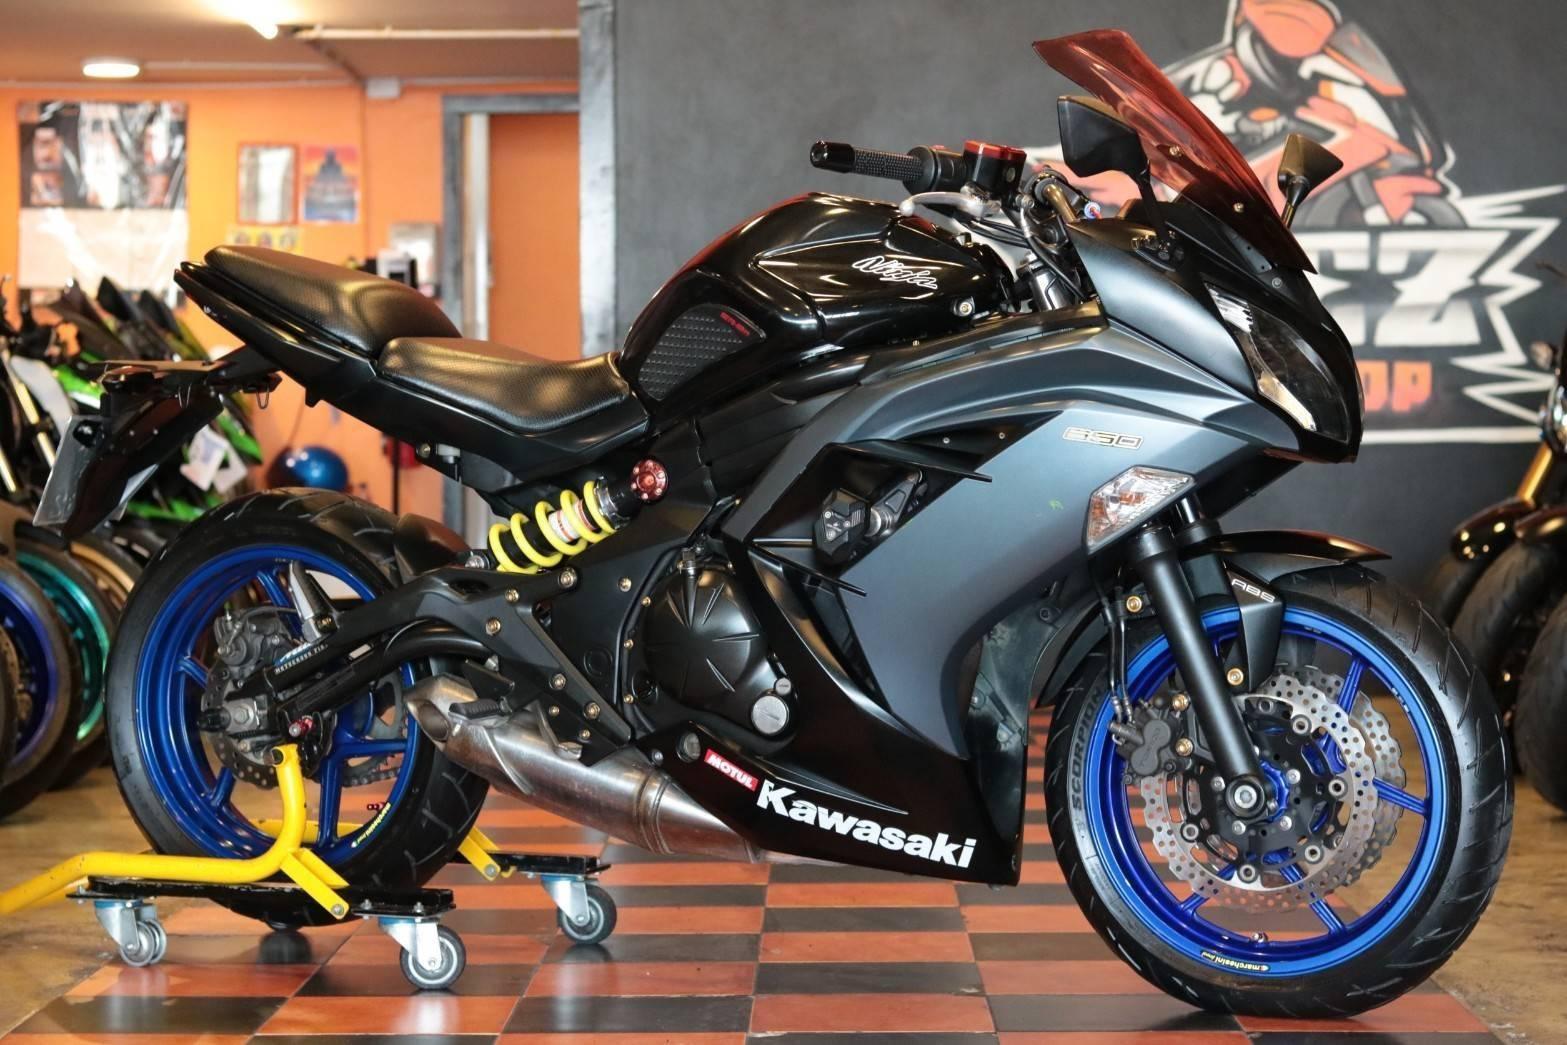 ขาย Kawasaki Ninja 650 ABS ปี 2014 สภาพป้ายแดง พร้อมออกทริป